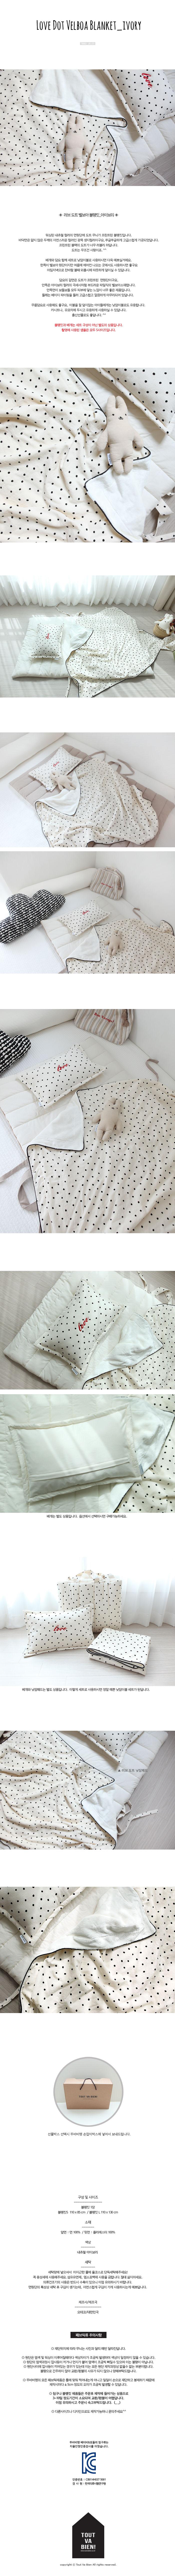 러브 도트 벨보아 블랭킷 - 뚜바비엥, 38,000원, 담요/블랑켓, 패턴